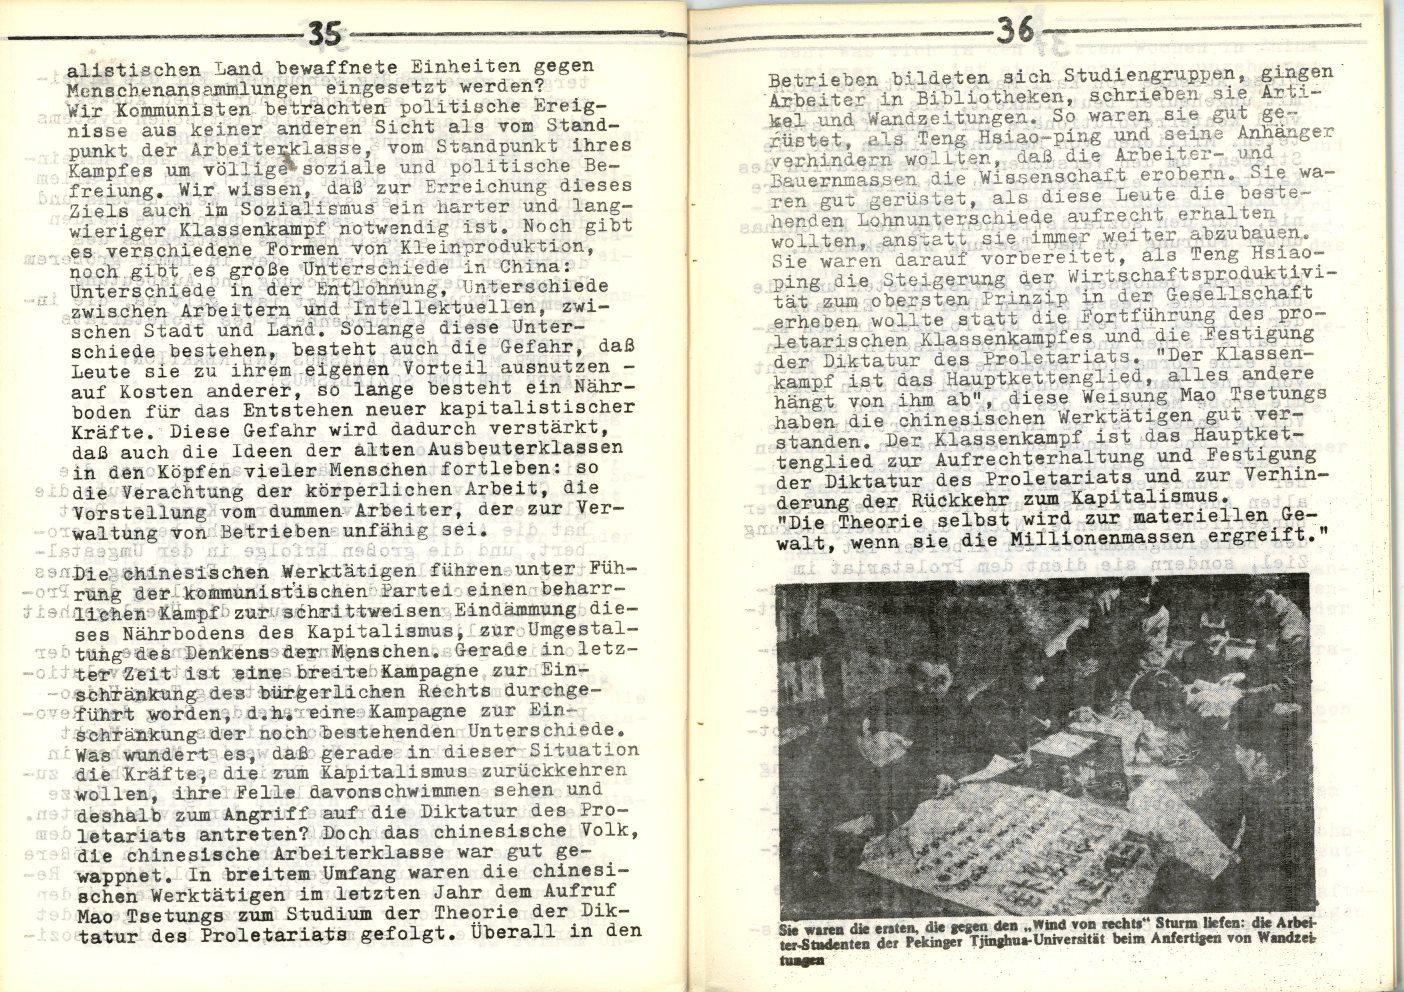 Frankfurt_KABD_zum_Ersten_Mai_1976_19